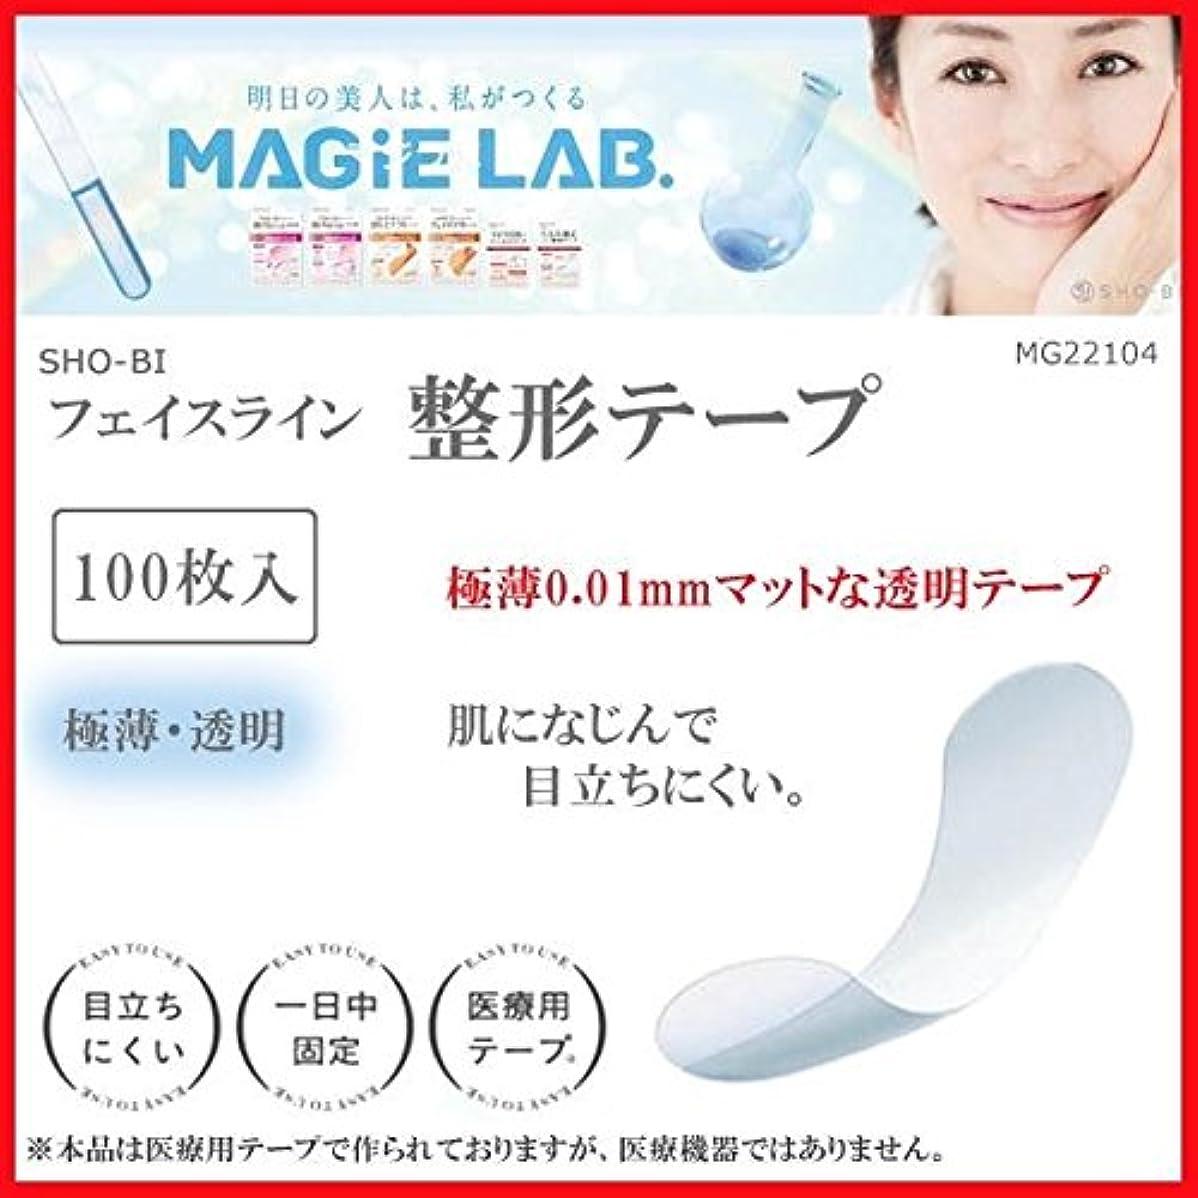 唯物論コイル孤児SHO-BI MAGiE LAB.(マジラボ) フェイスライン整形テープ 100枚入 MG22104